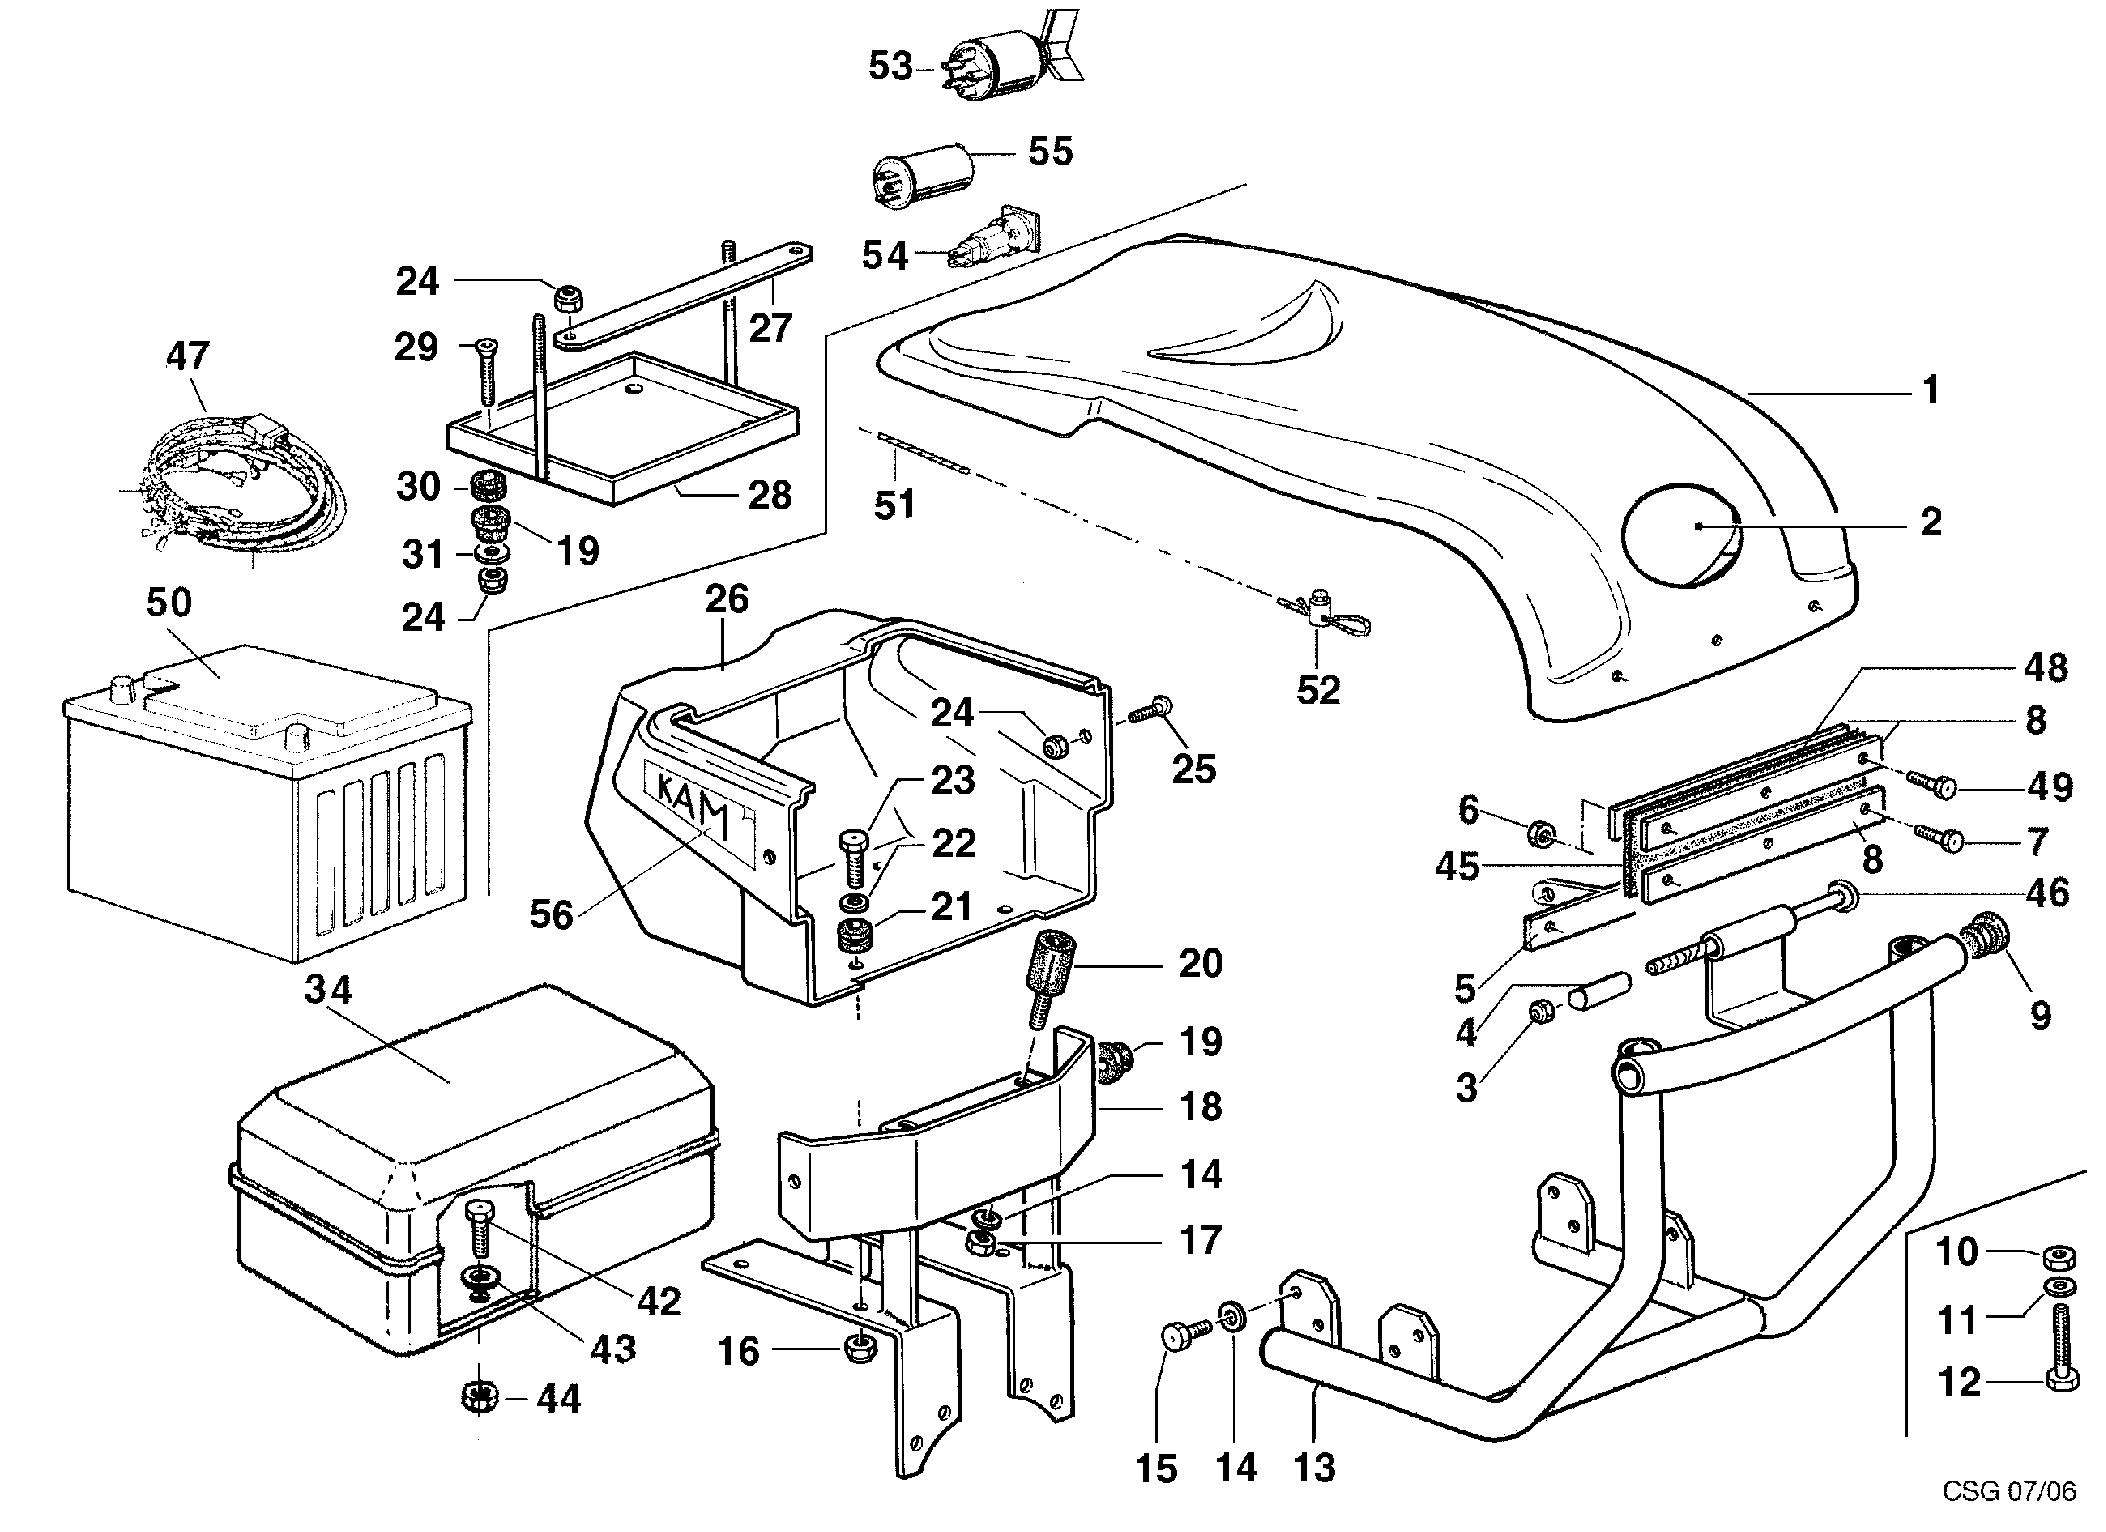 KAM 5 (jusqu'en 2009) Motoculteur OLEOMAC NIBBI vue éclatée Dessins pièces - Injection capot